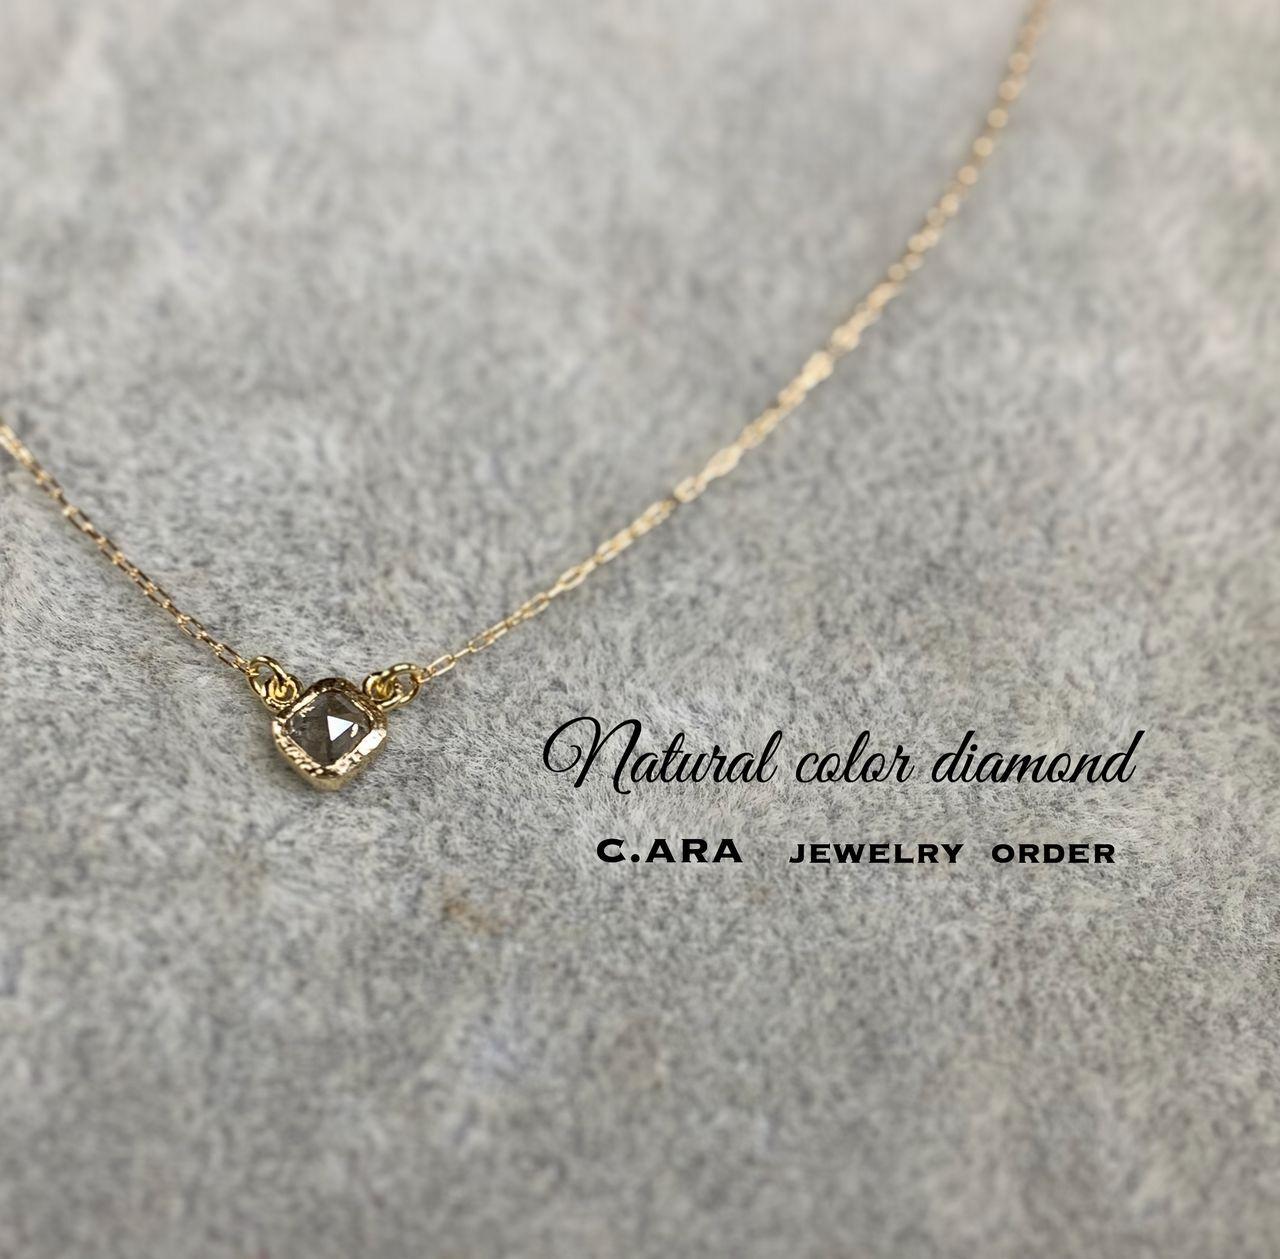 レスピーロ ダイヤモンドペンダント(ナチュラルカラー)